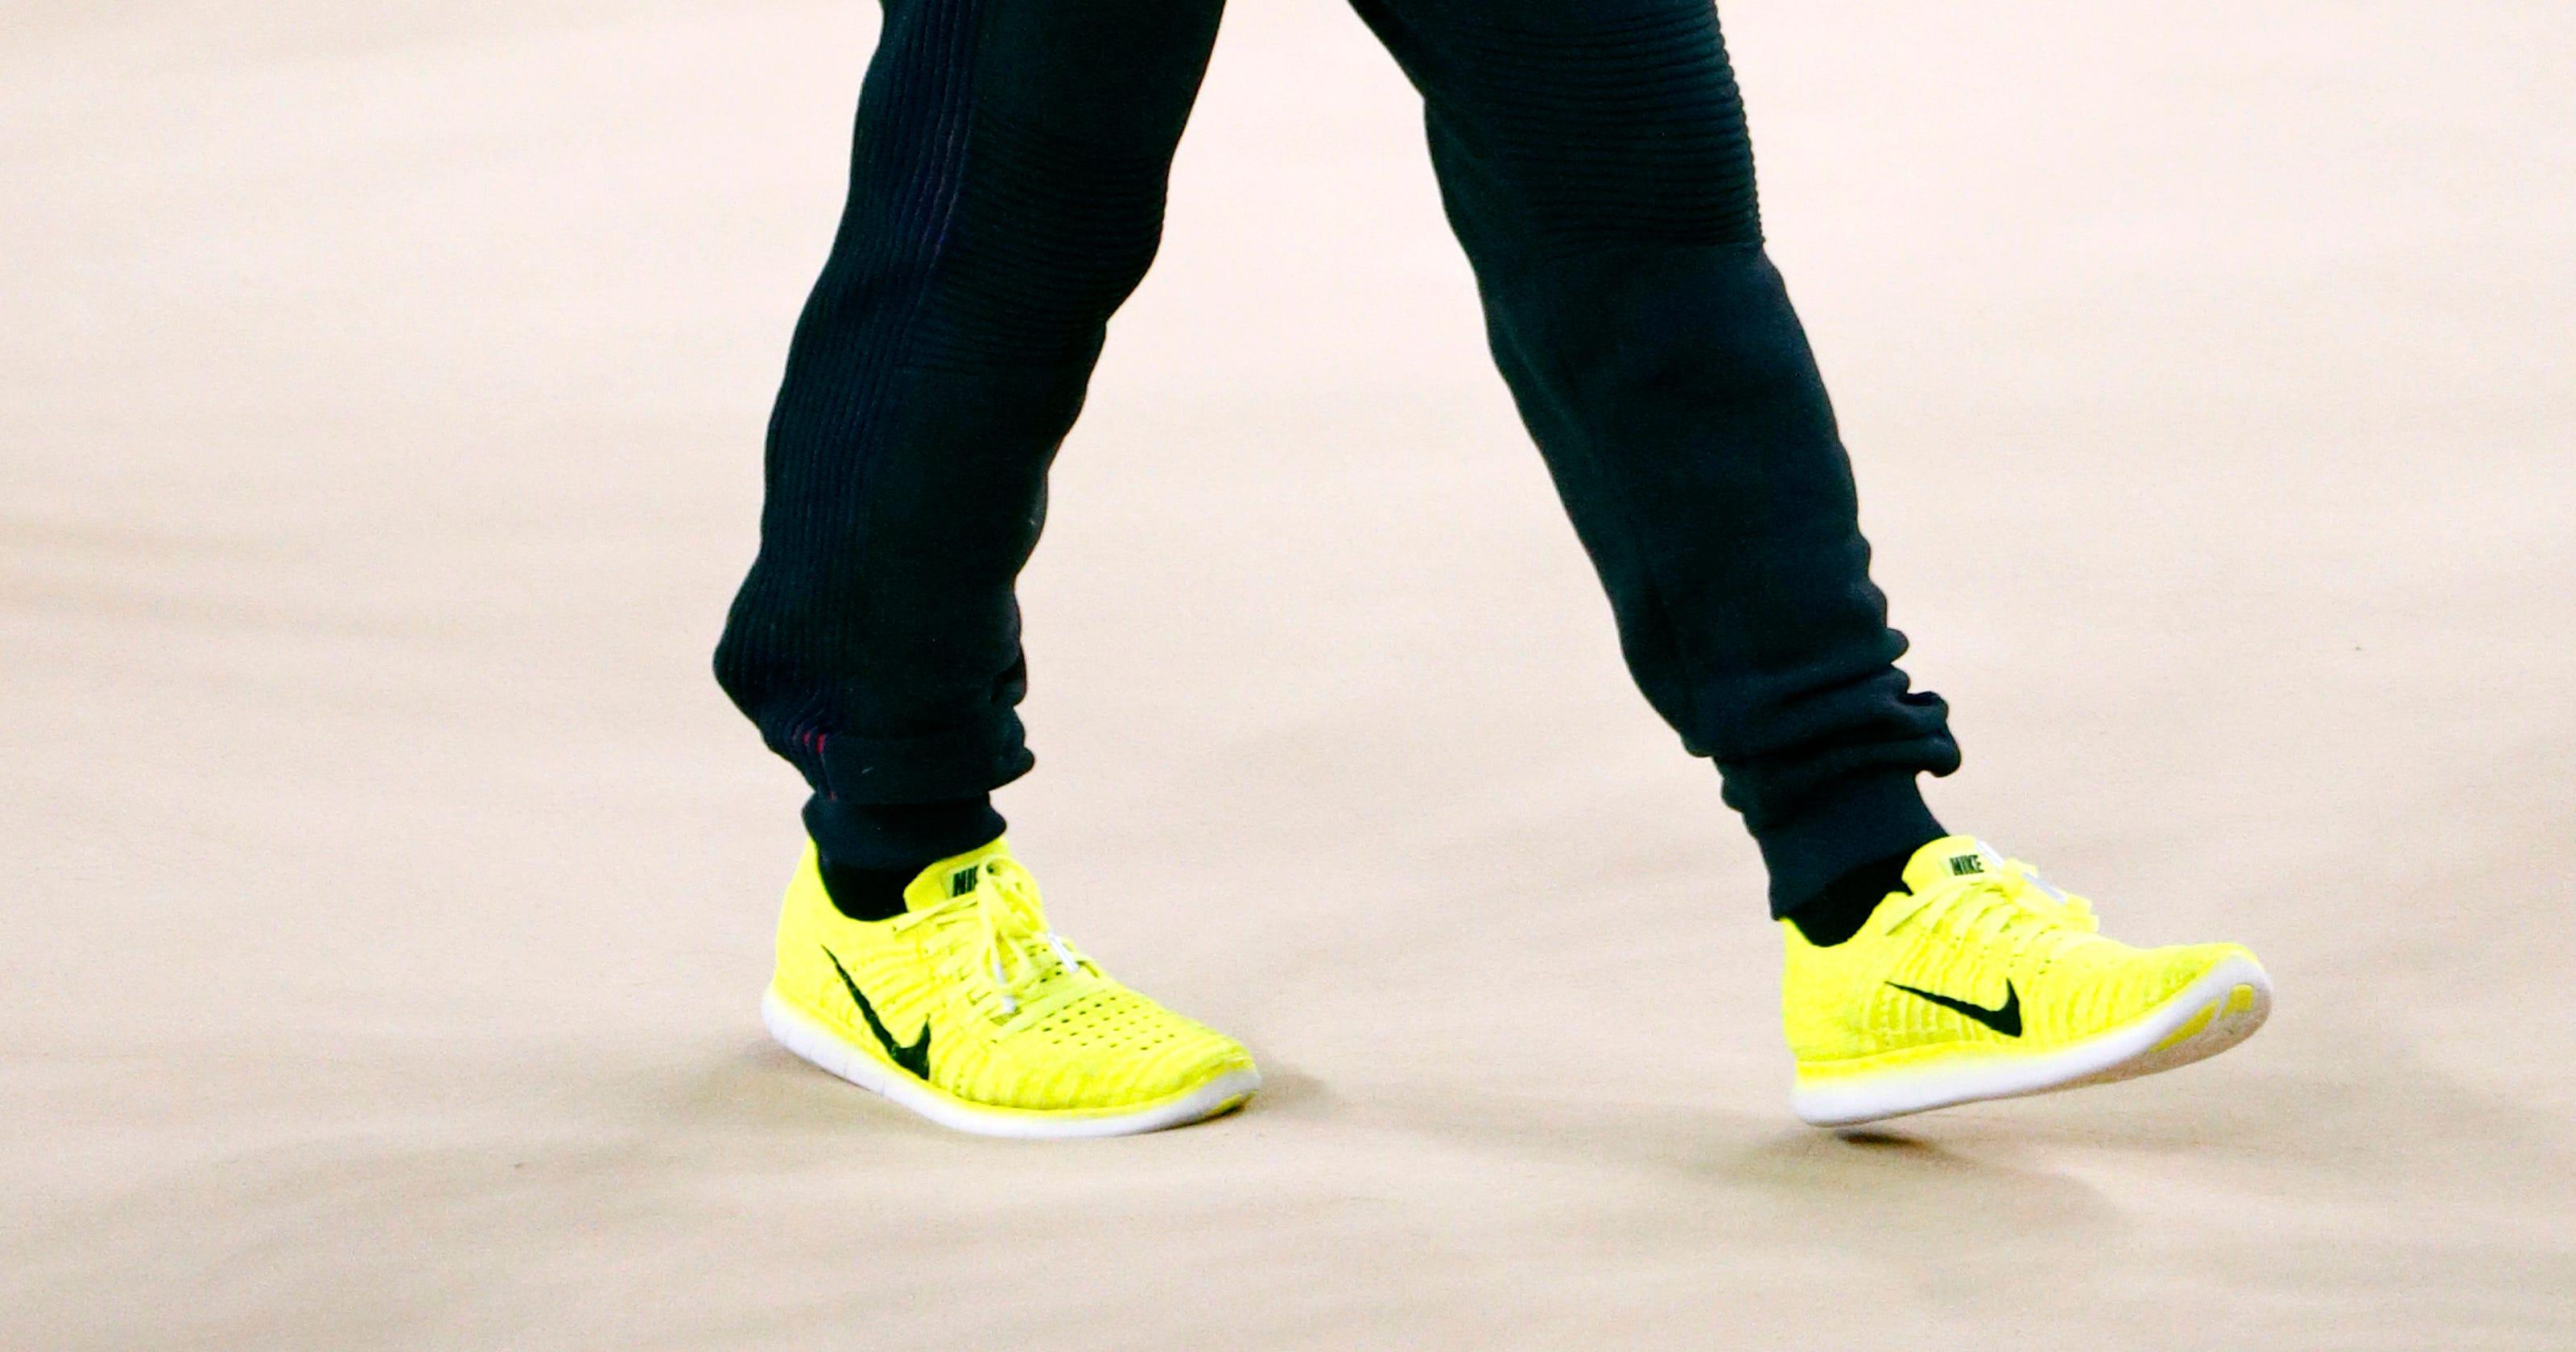 3973d96c957f Gymnasts like eye-catching Nike podium shoes